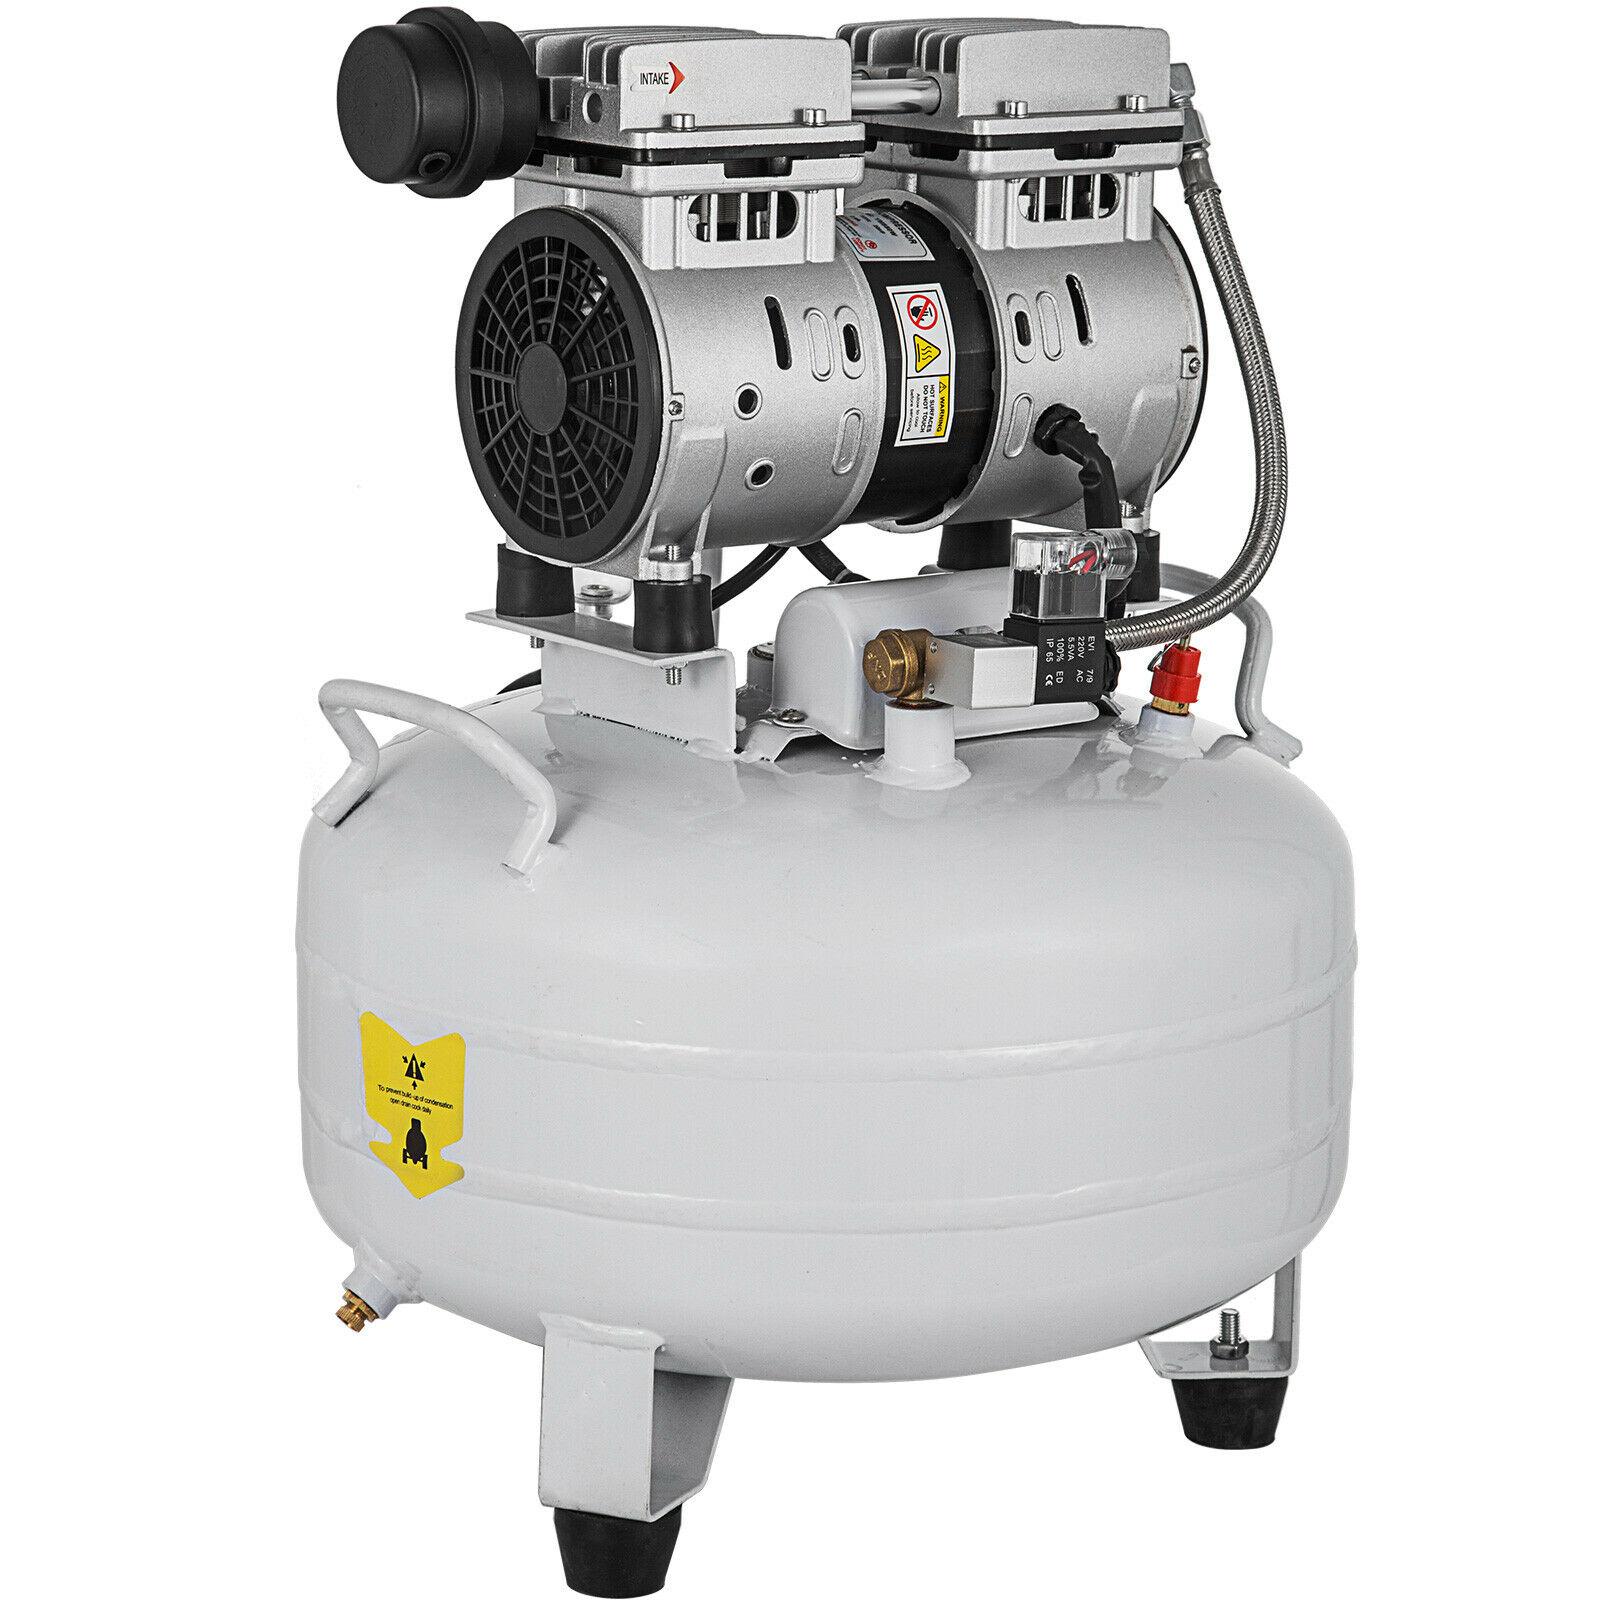 Ультратихий воздушный компрессор, 5,5 галлона, 25 литров, бесшумный воздушный компрессор 550 Вт